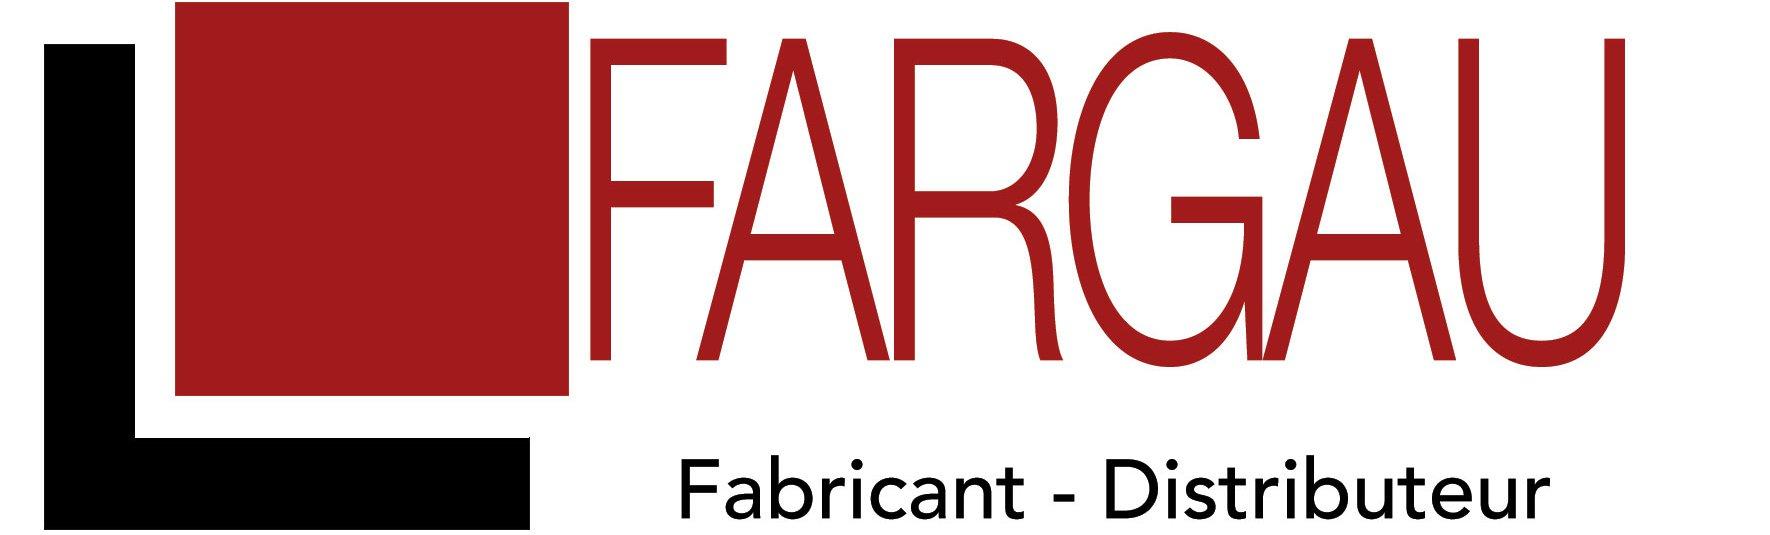 fargau-21-11-2019_17-53-28.jpg